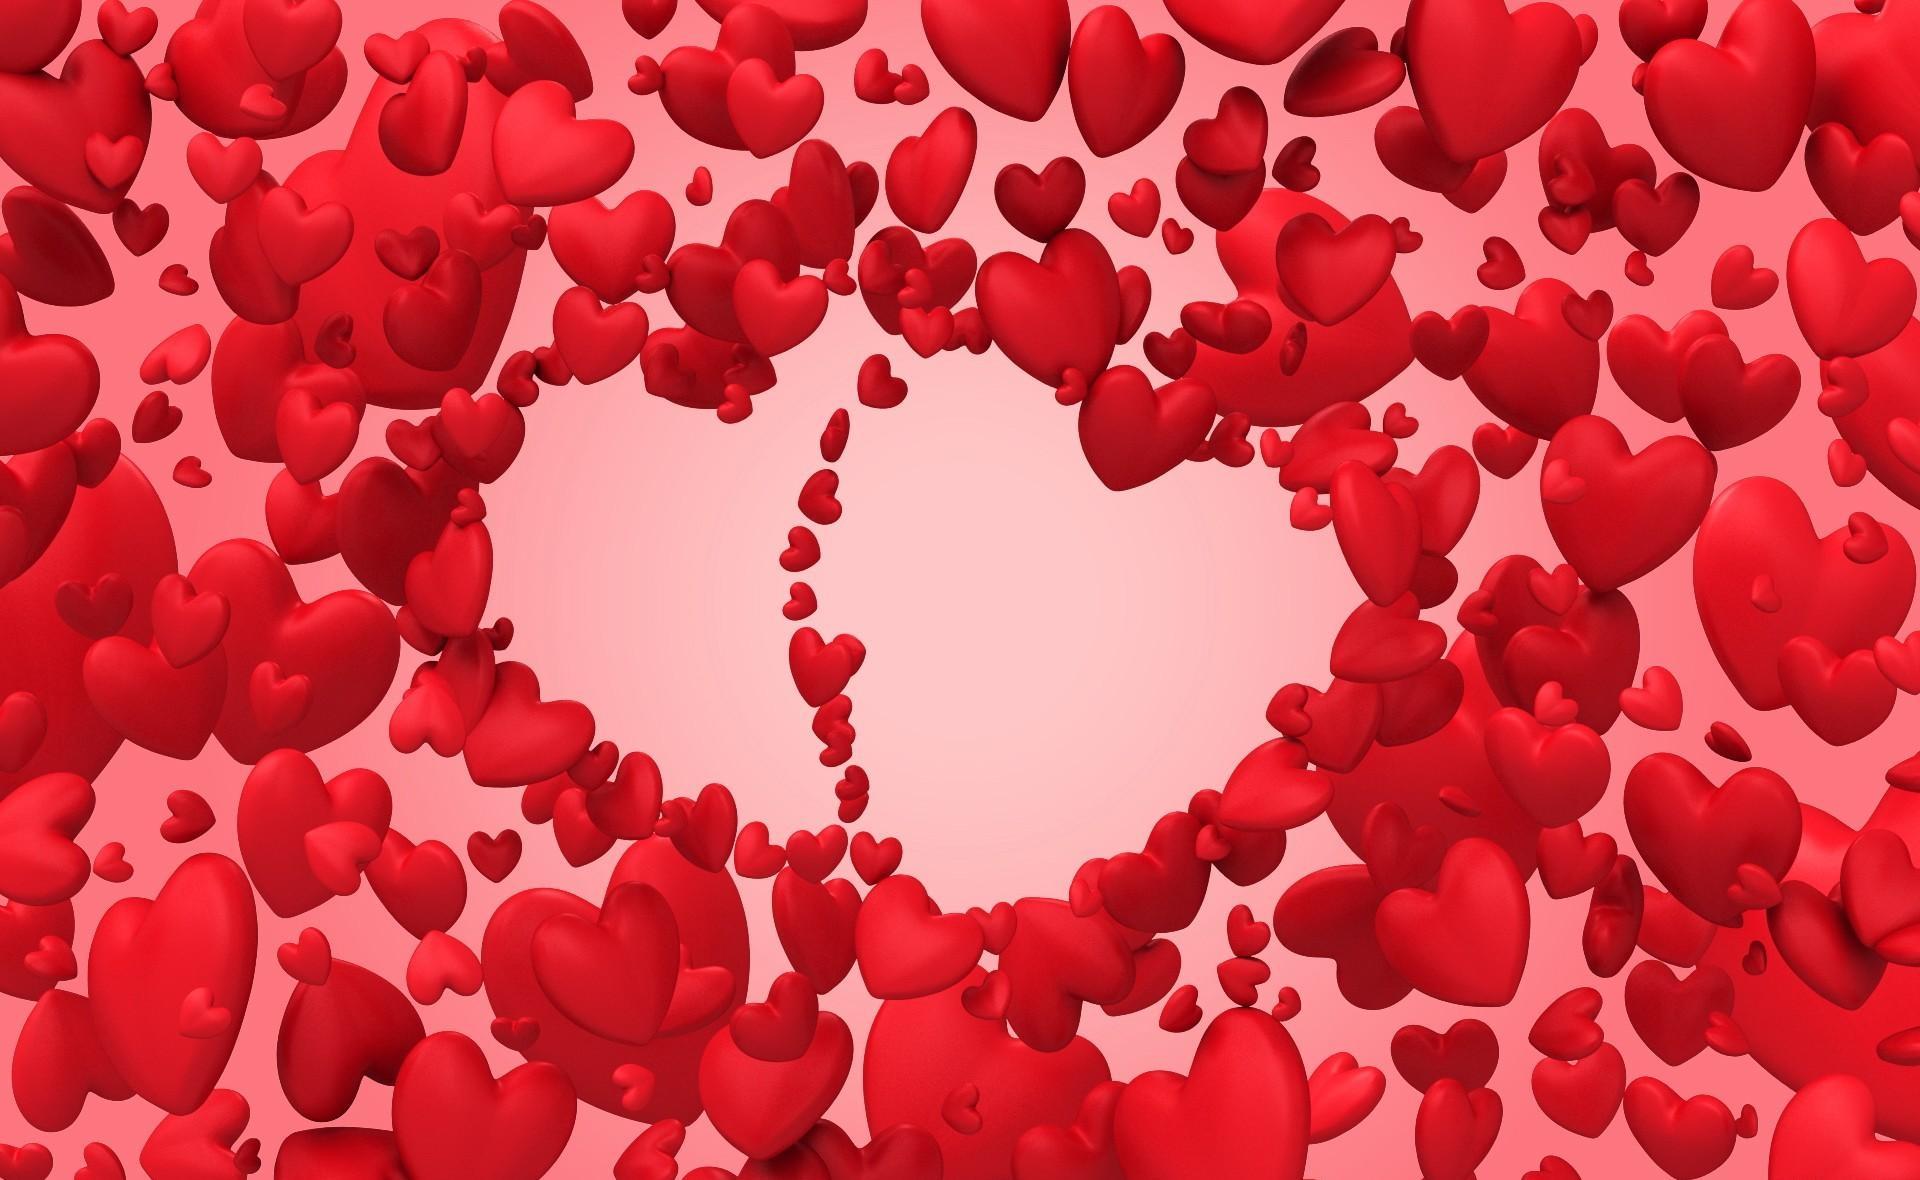 Картинки для рабочего стола сердечками